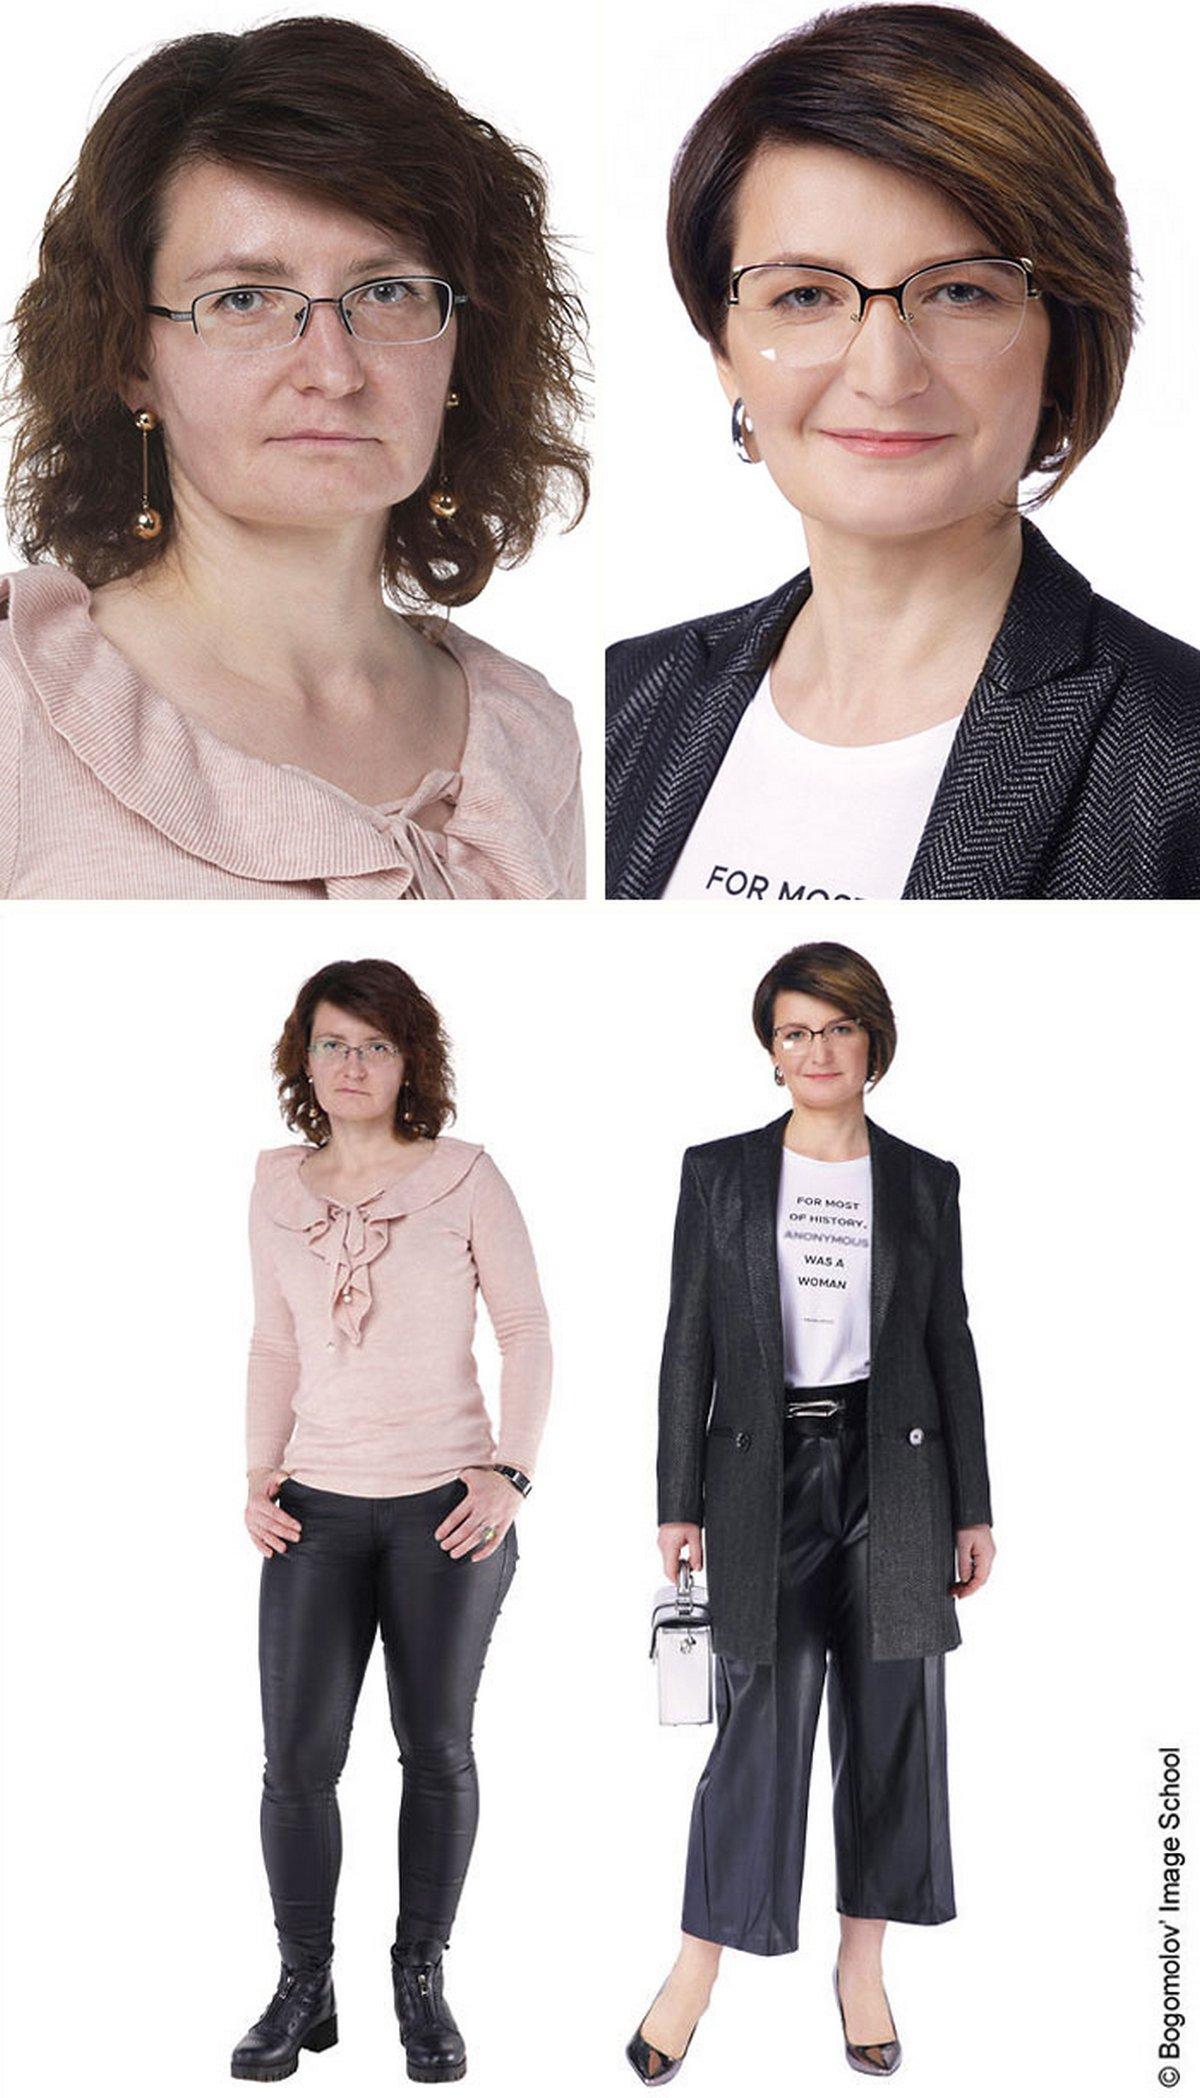 Ces transformations incroyables montrent comment des gens ordinaires peuvent radicalement améliorer leur look